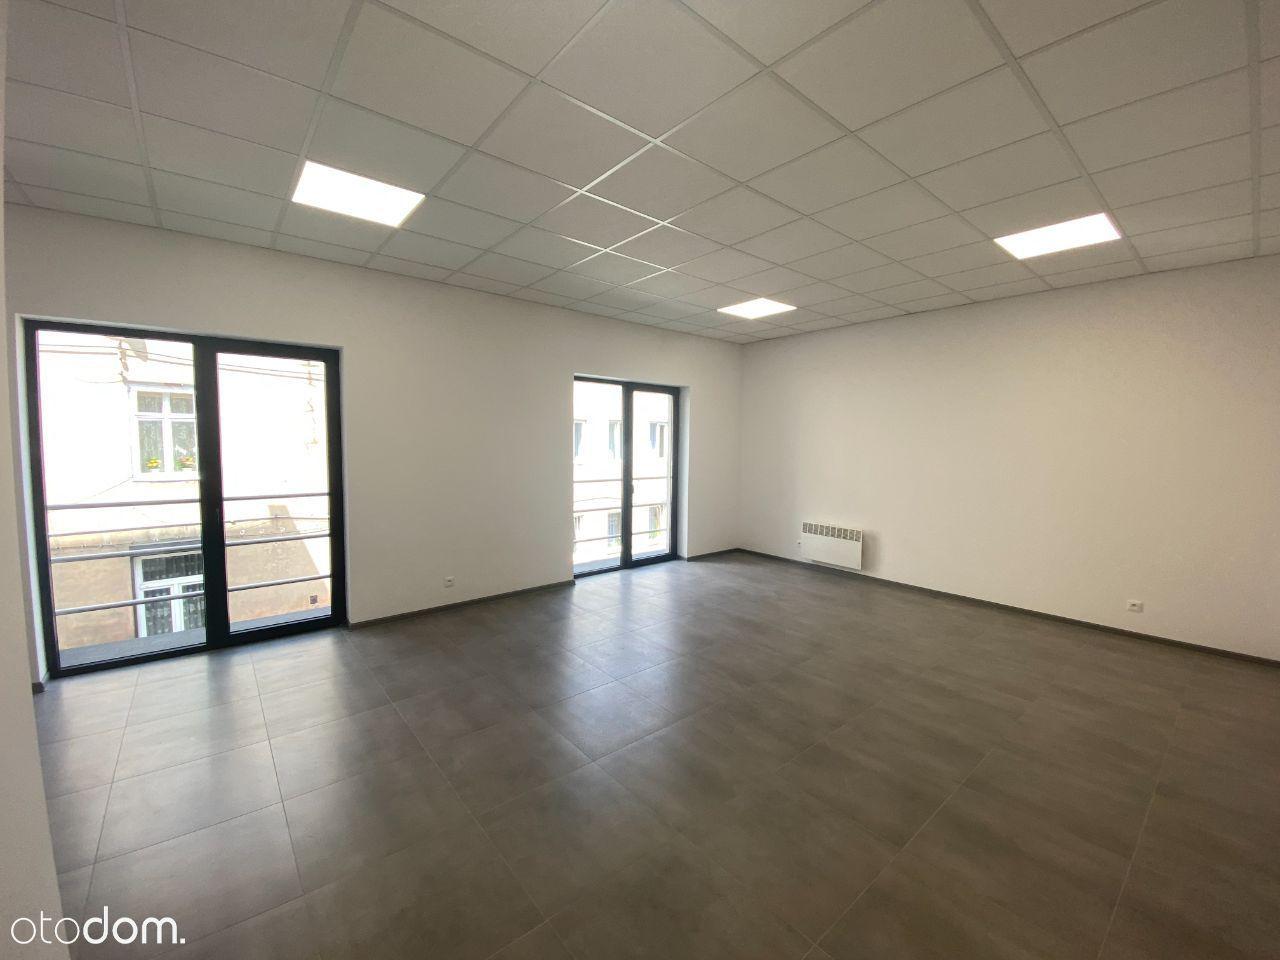 Nowy Lokal Usługowo Biurowy 40m2 Zgierz Długa